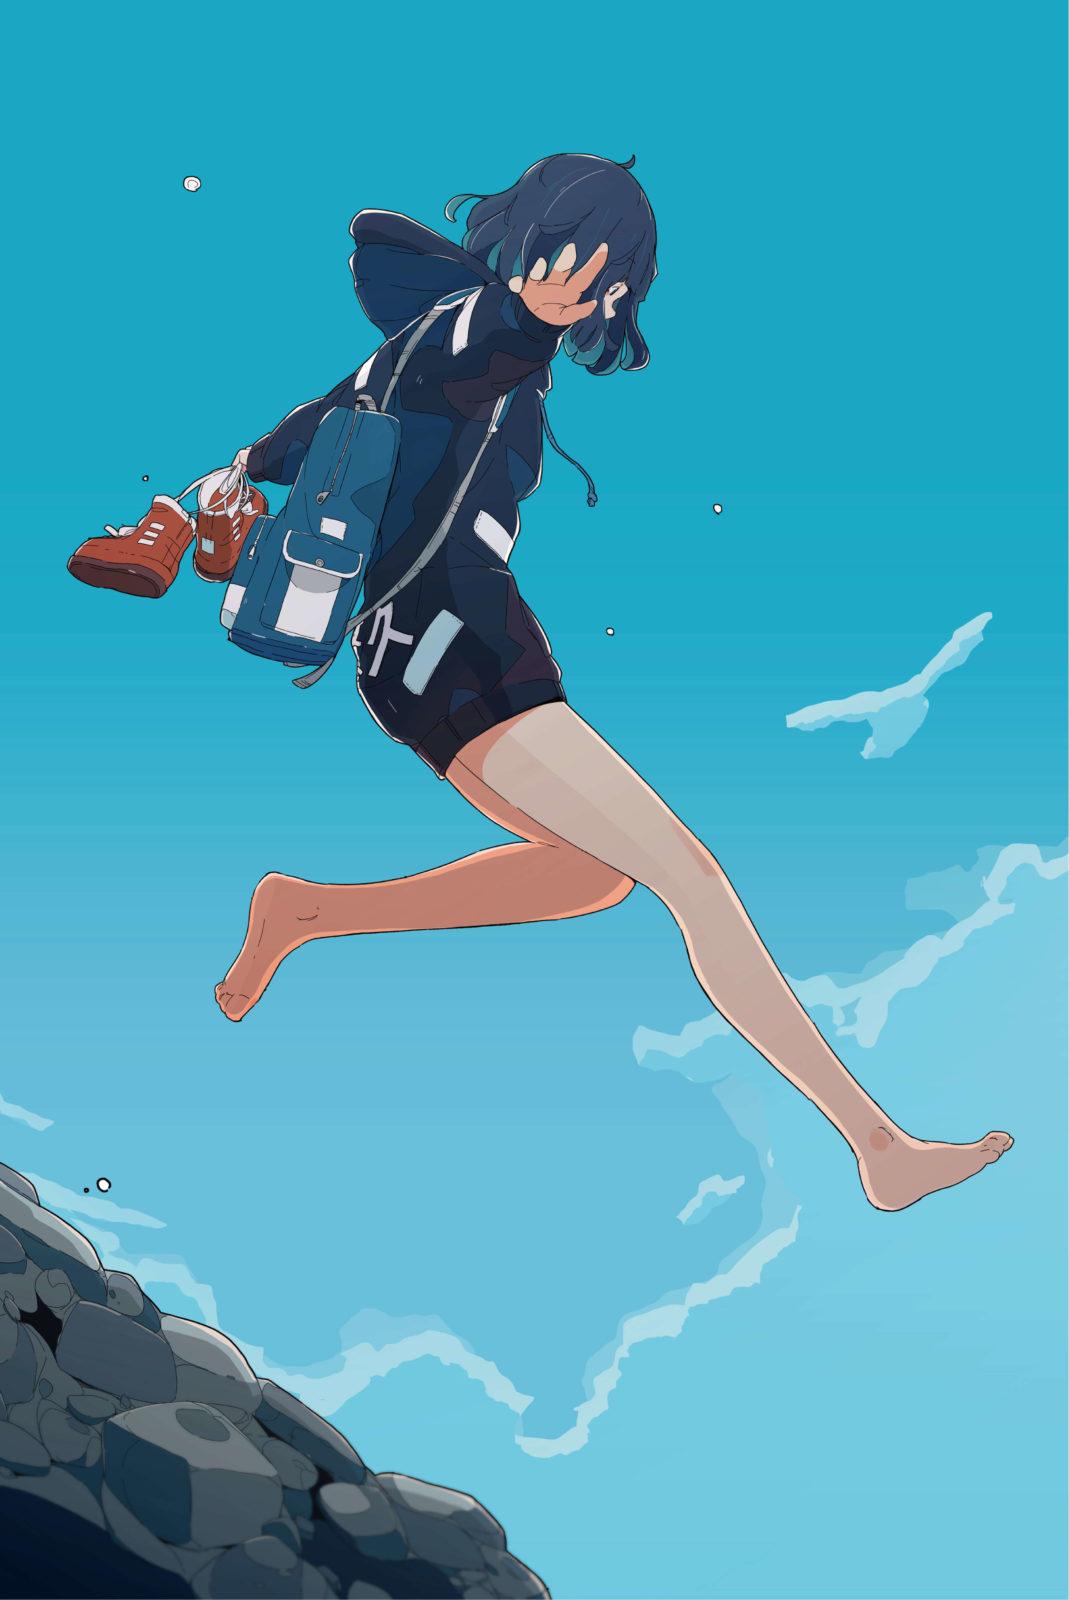 三月のパンタシア「音楽×小説×イラスト」を連動させたワンマンライブを開催決定サムネイル画像